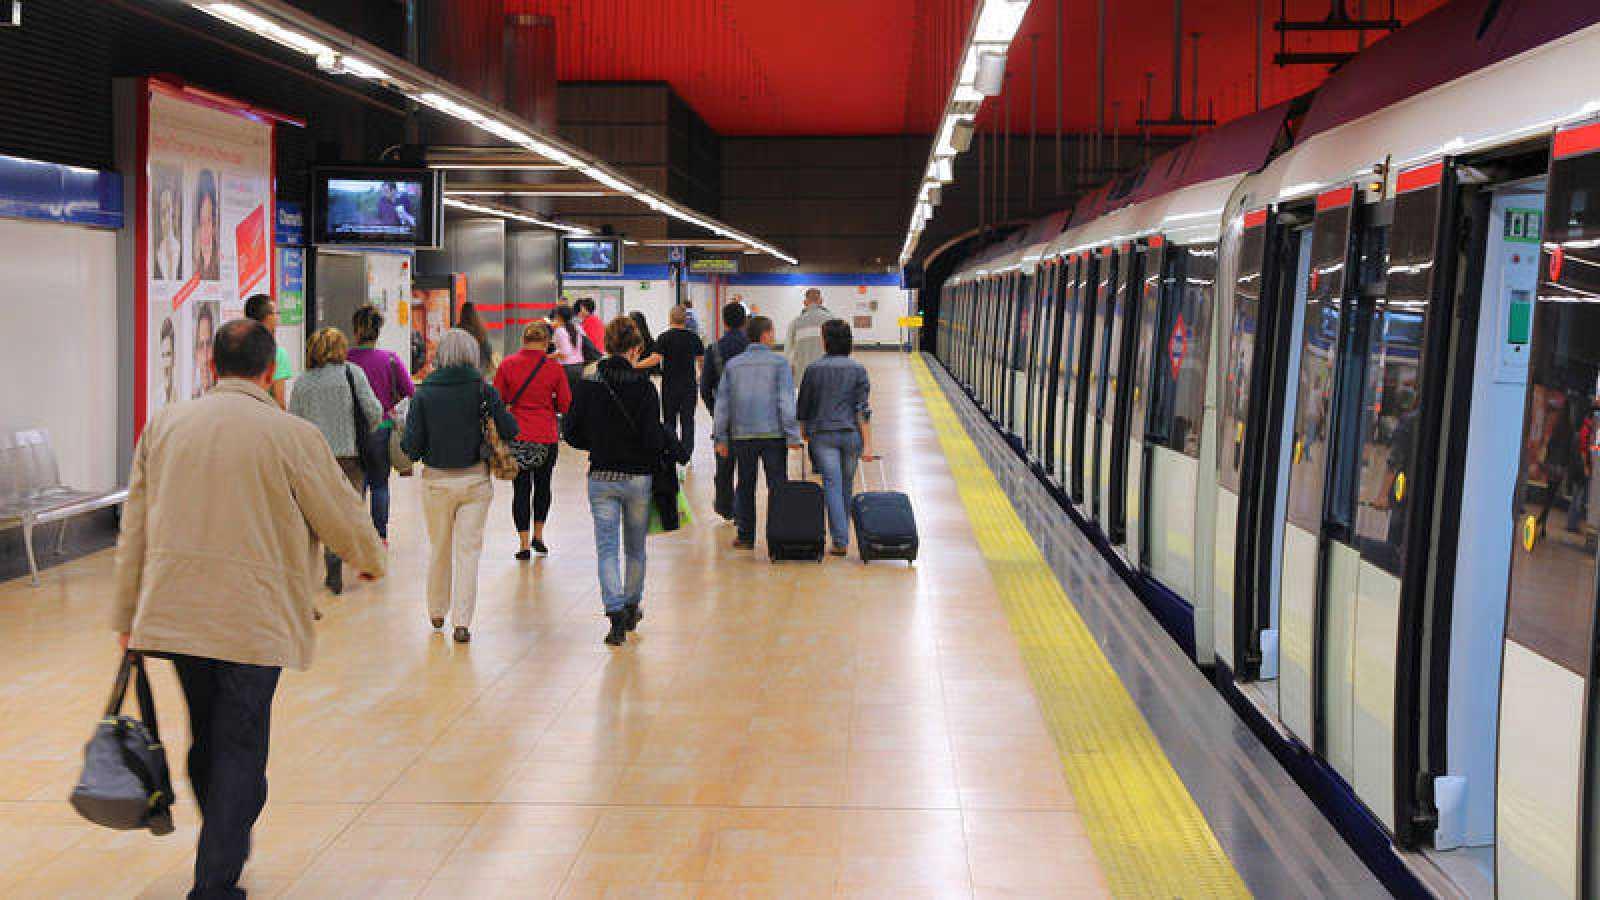 La huelga afectará las líneas 1, 2 y 5 durante toda la jornada del lunes